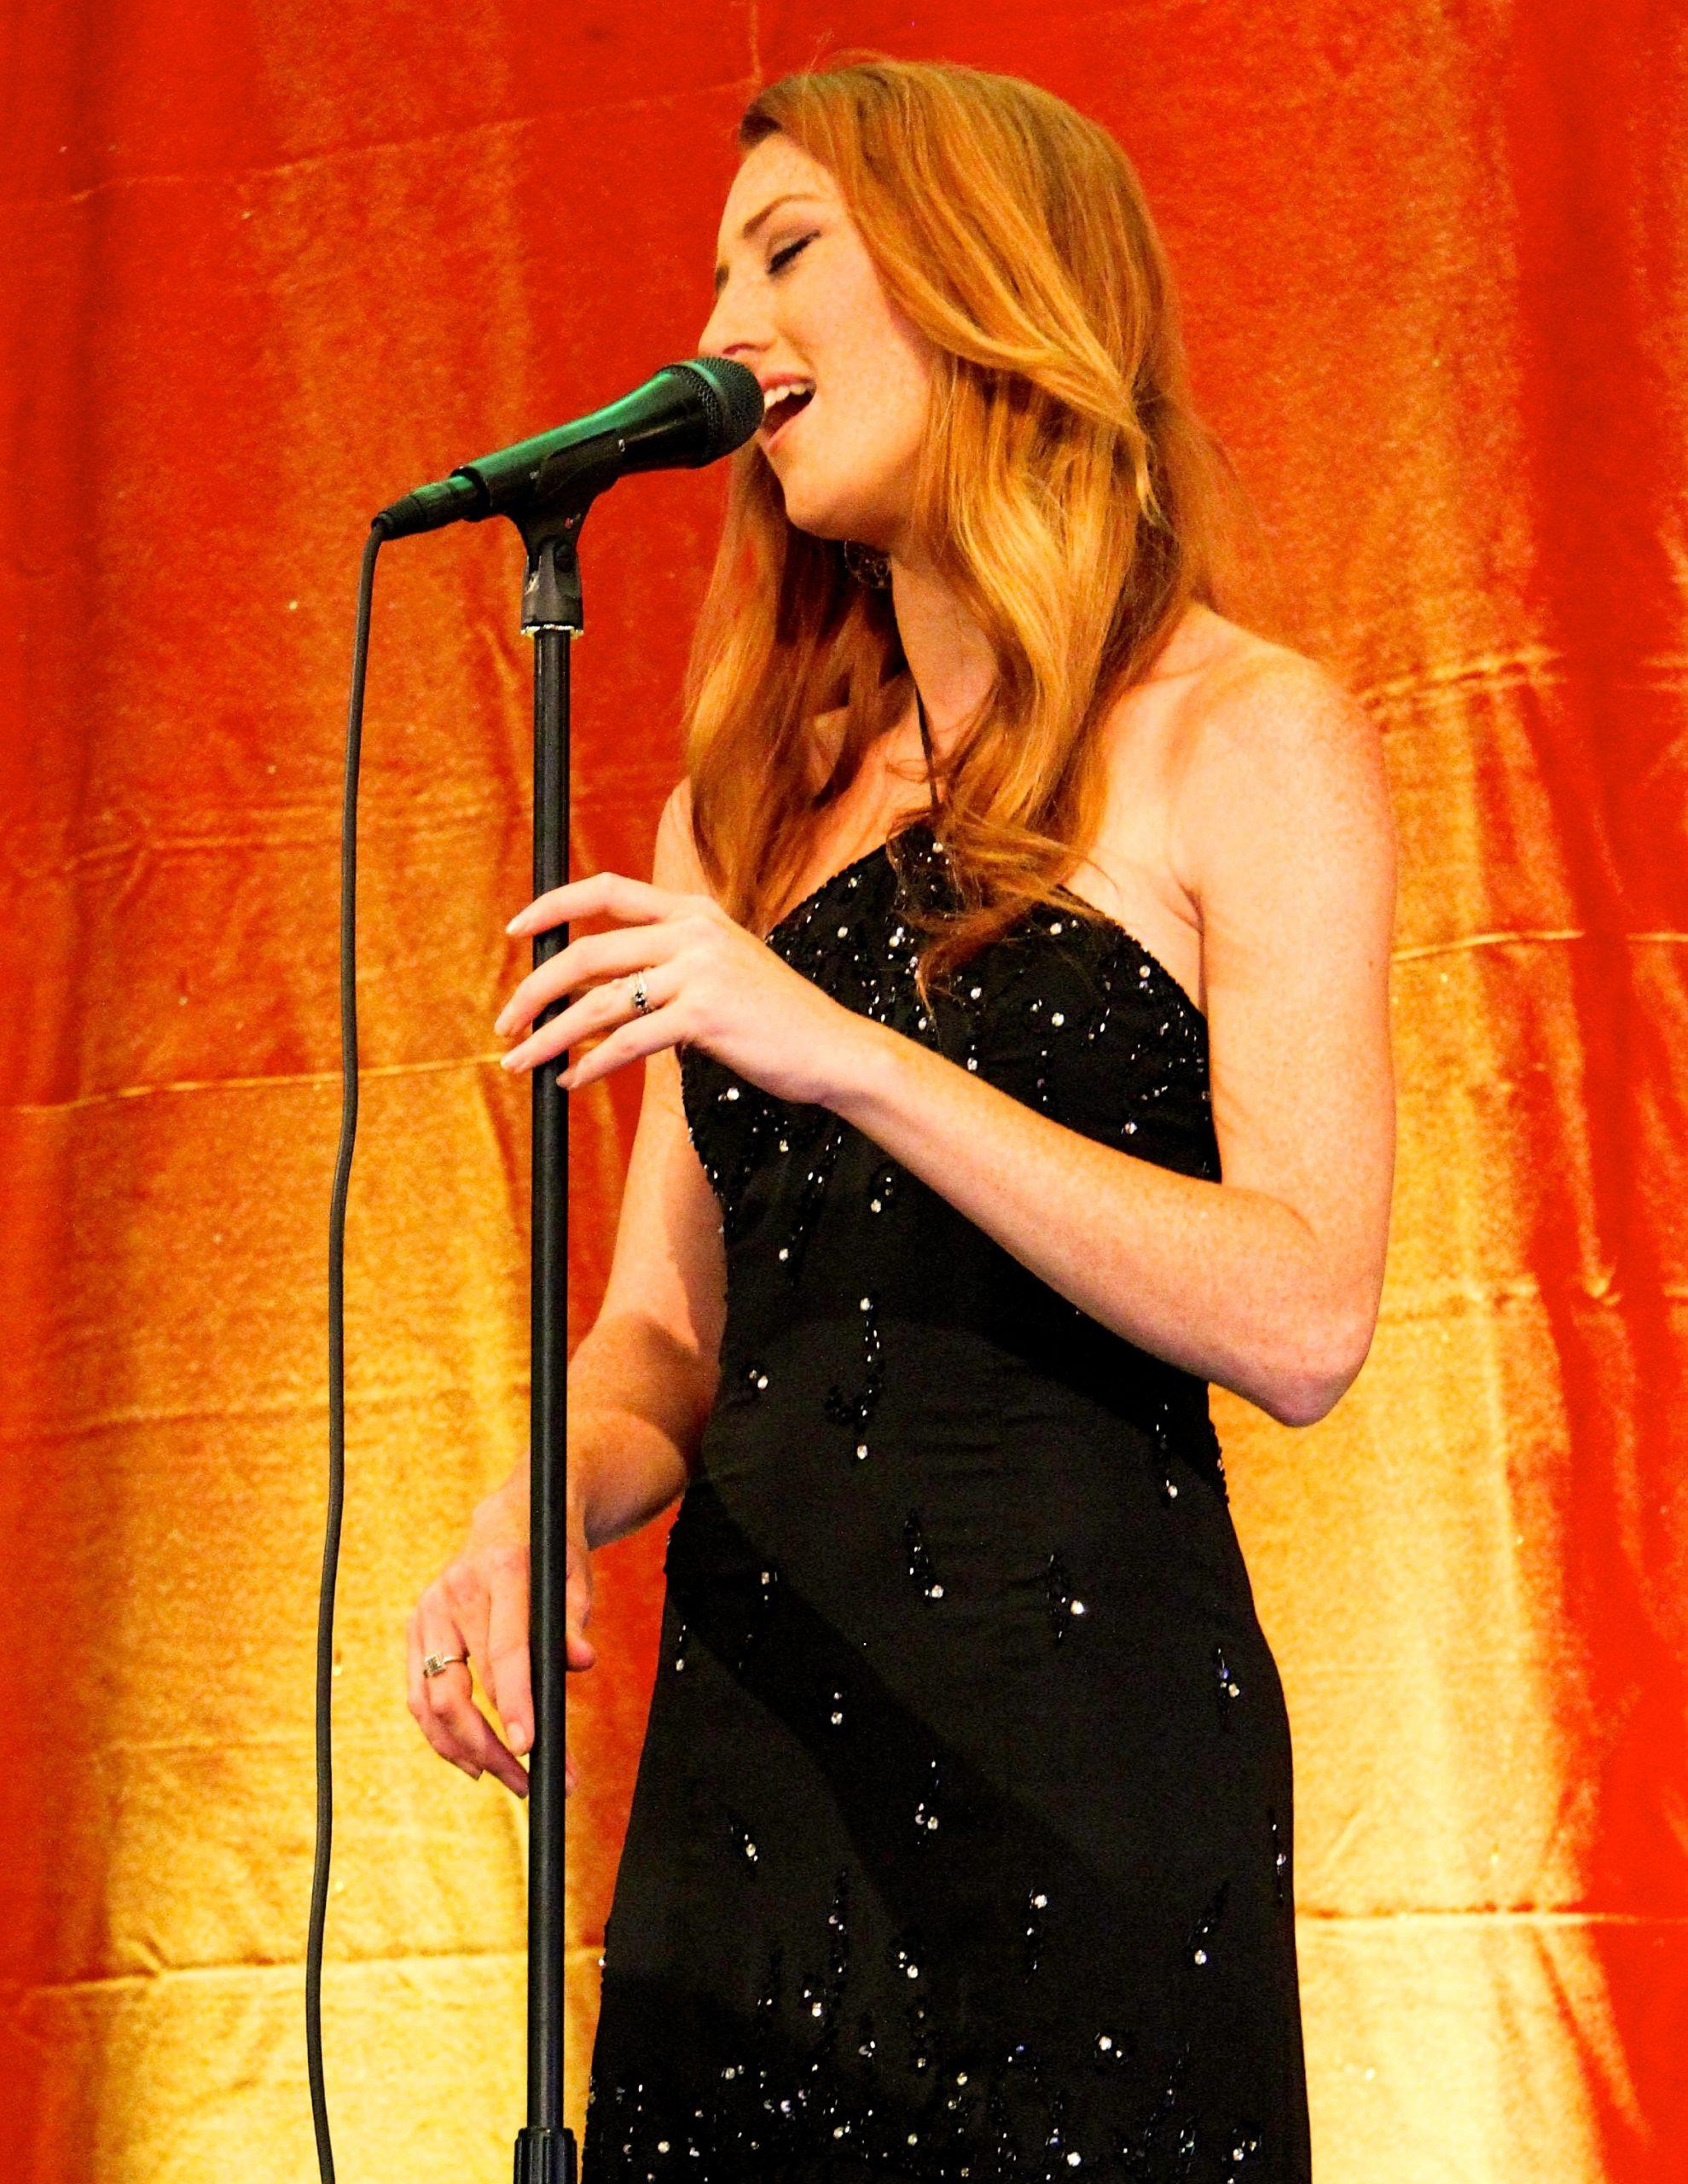 Singer Emilie, New Zealand